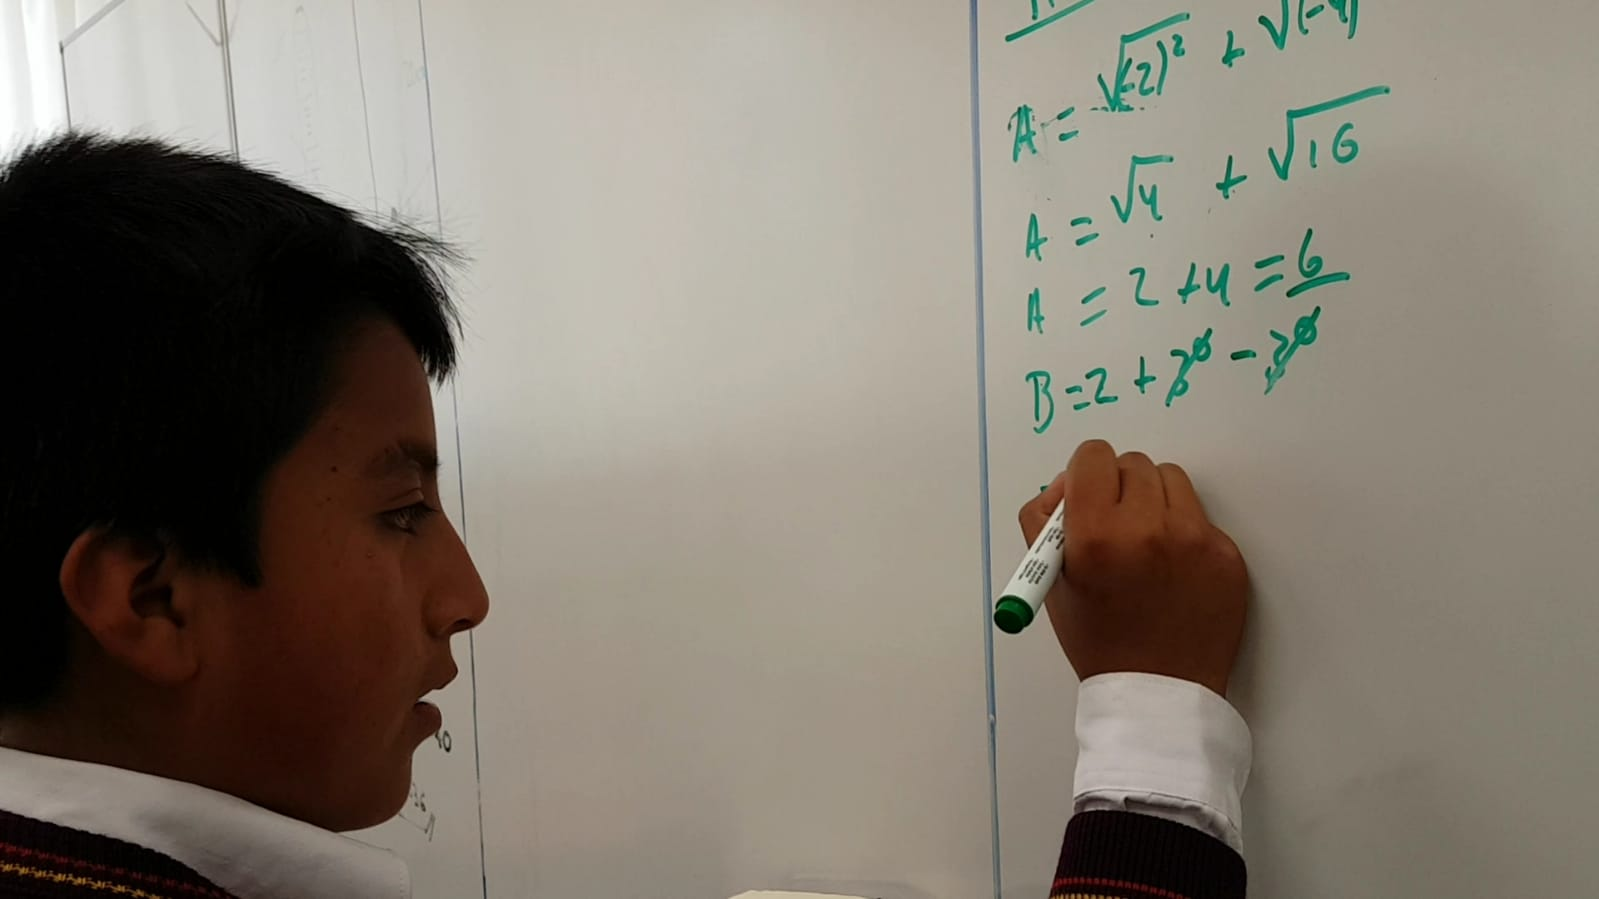 Konzentriert und am Versuchen seine Schritte laut zu erklären arbeitet sich dieser Schüler voran.